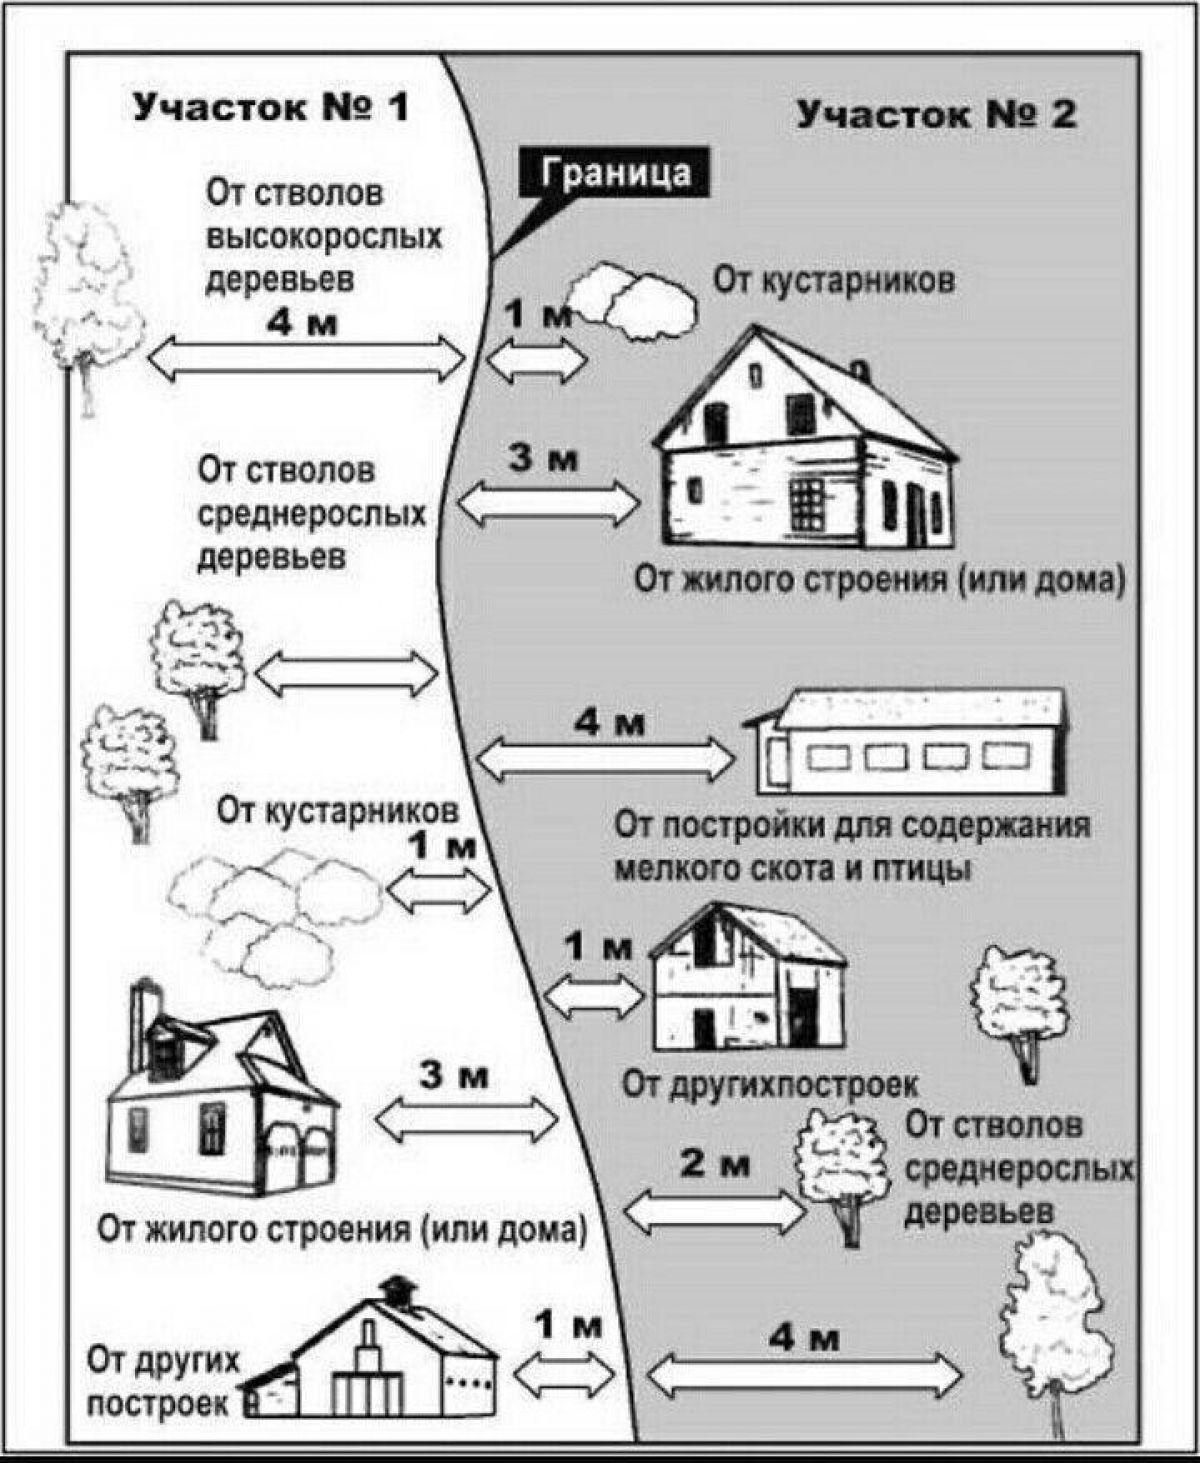 Правила и нормы индивидуального жилищного строительства 529